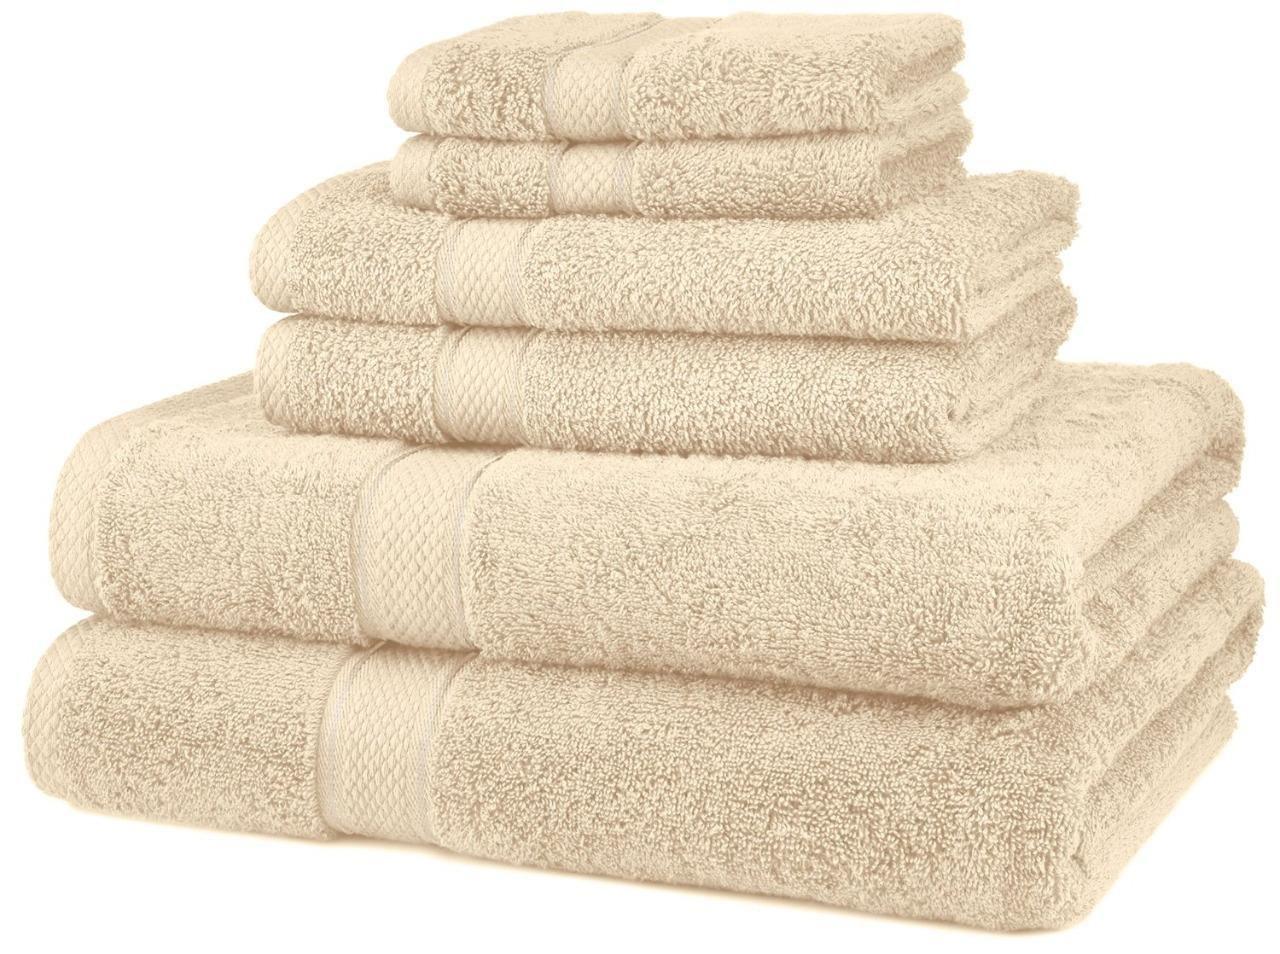 Nuevo 6 piezas 100% algodón egipcio 725 G juego de toallas (toalla de baño, crema): Amazon.es: Hogar